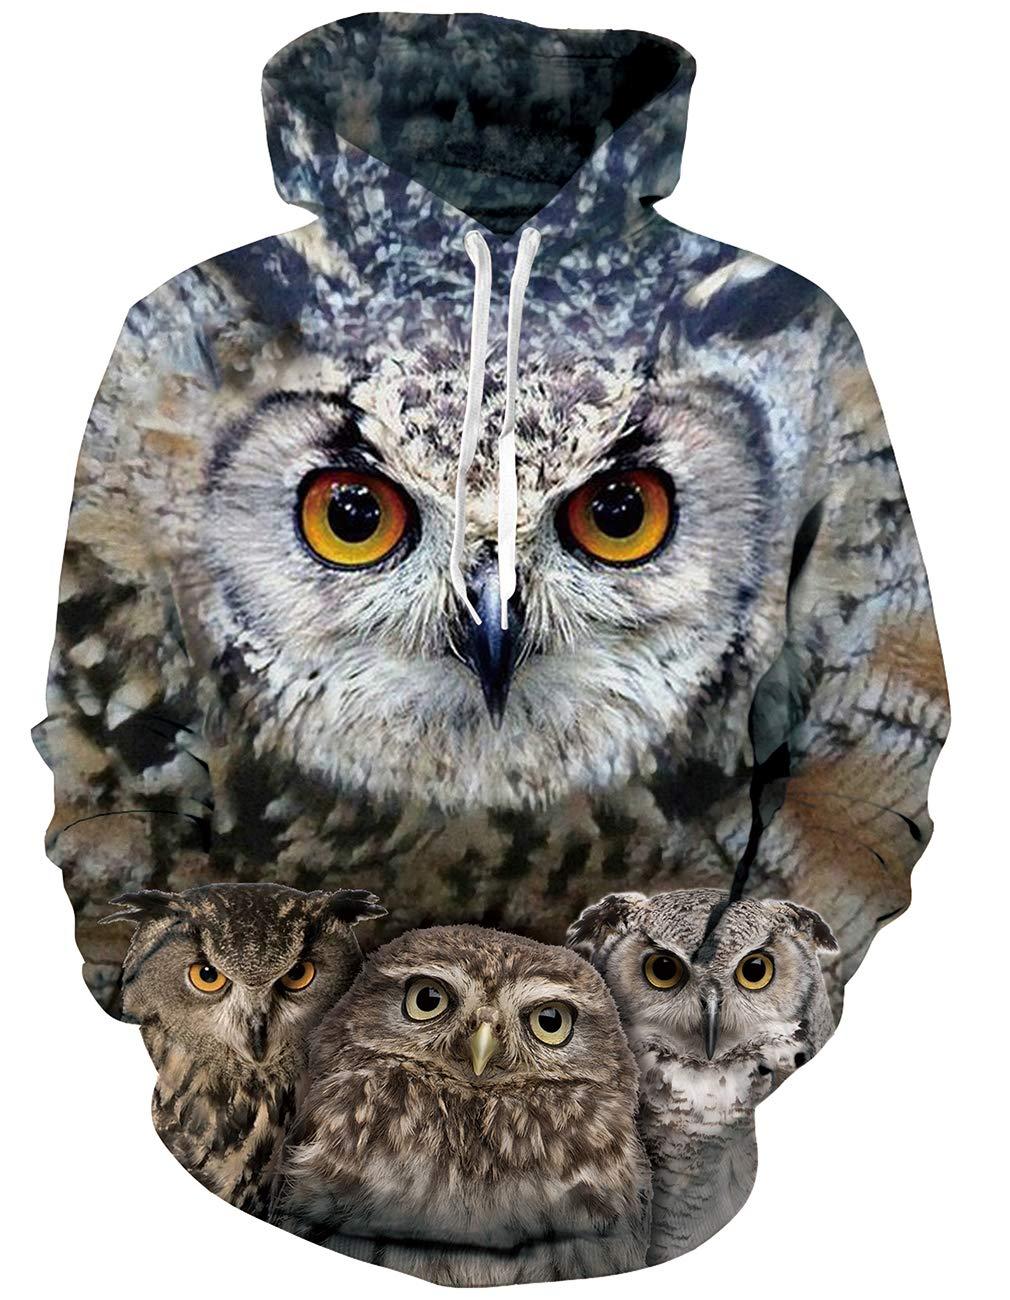 Klasse Pullover!